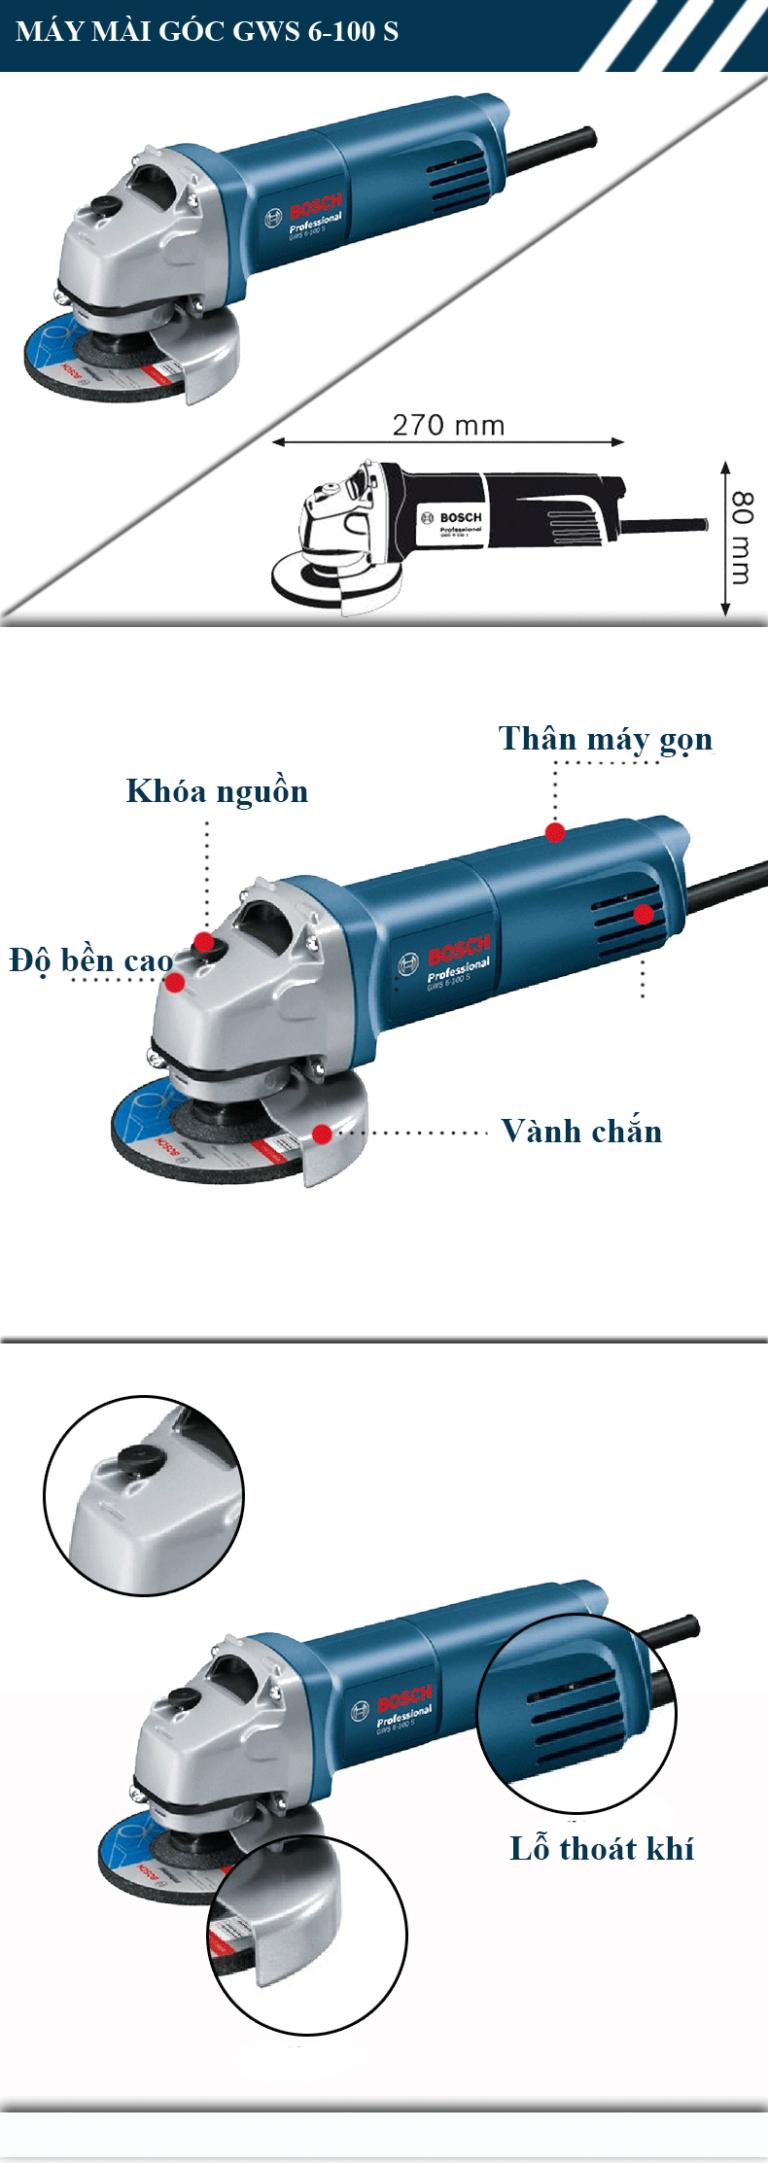 Khám phá những lợi ích của máy cắt sắt cầm tay mini